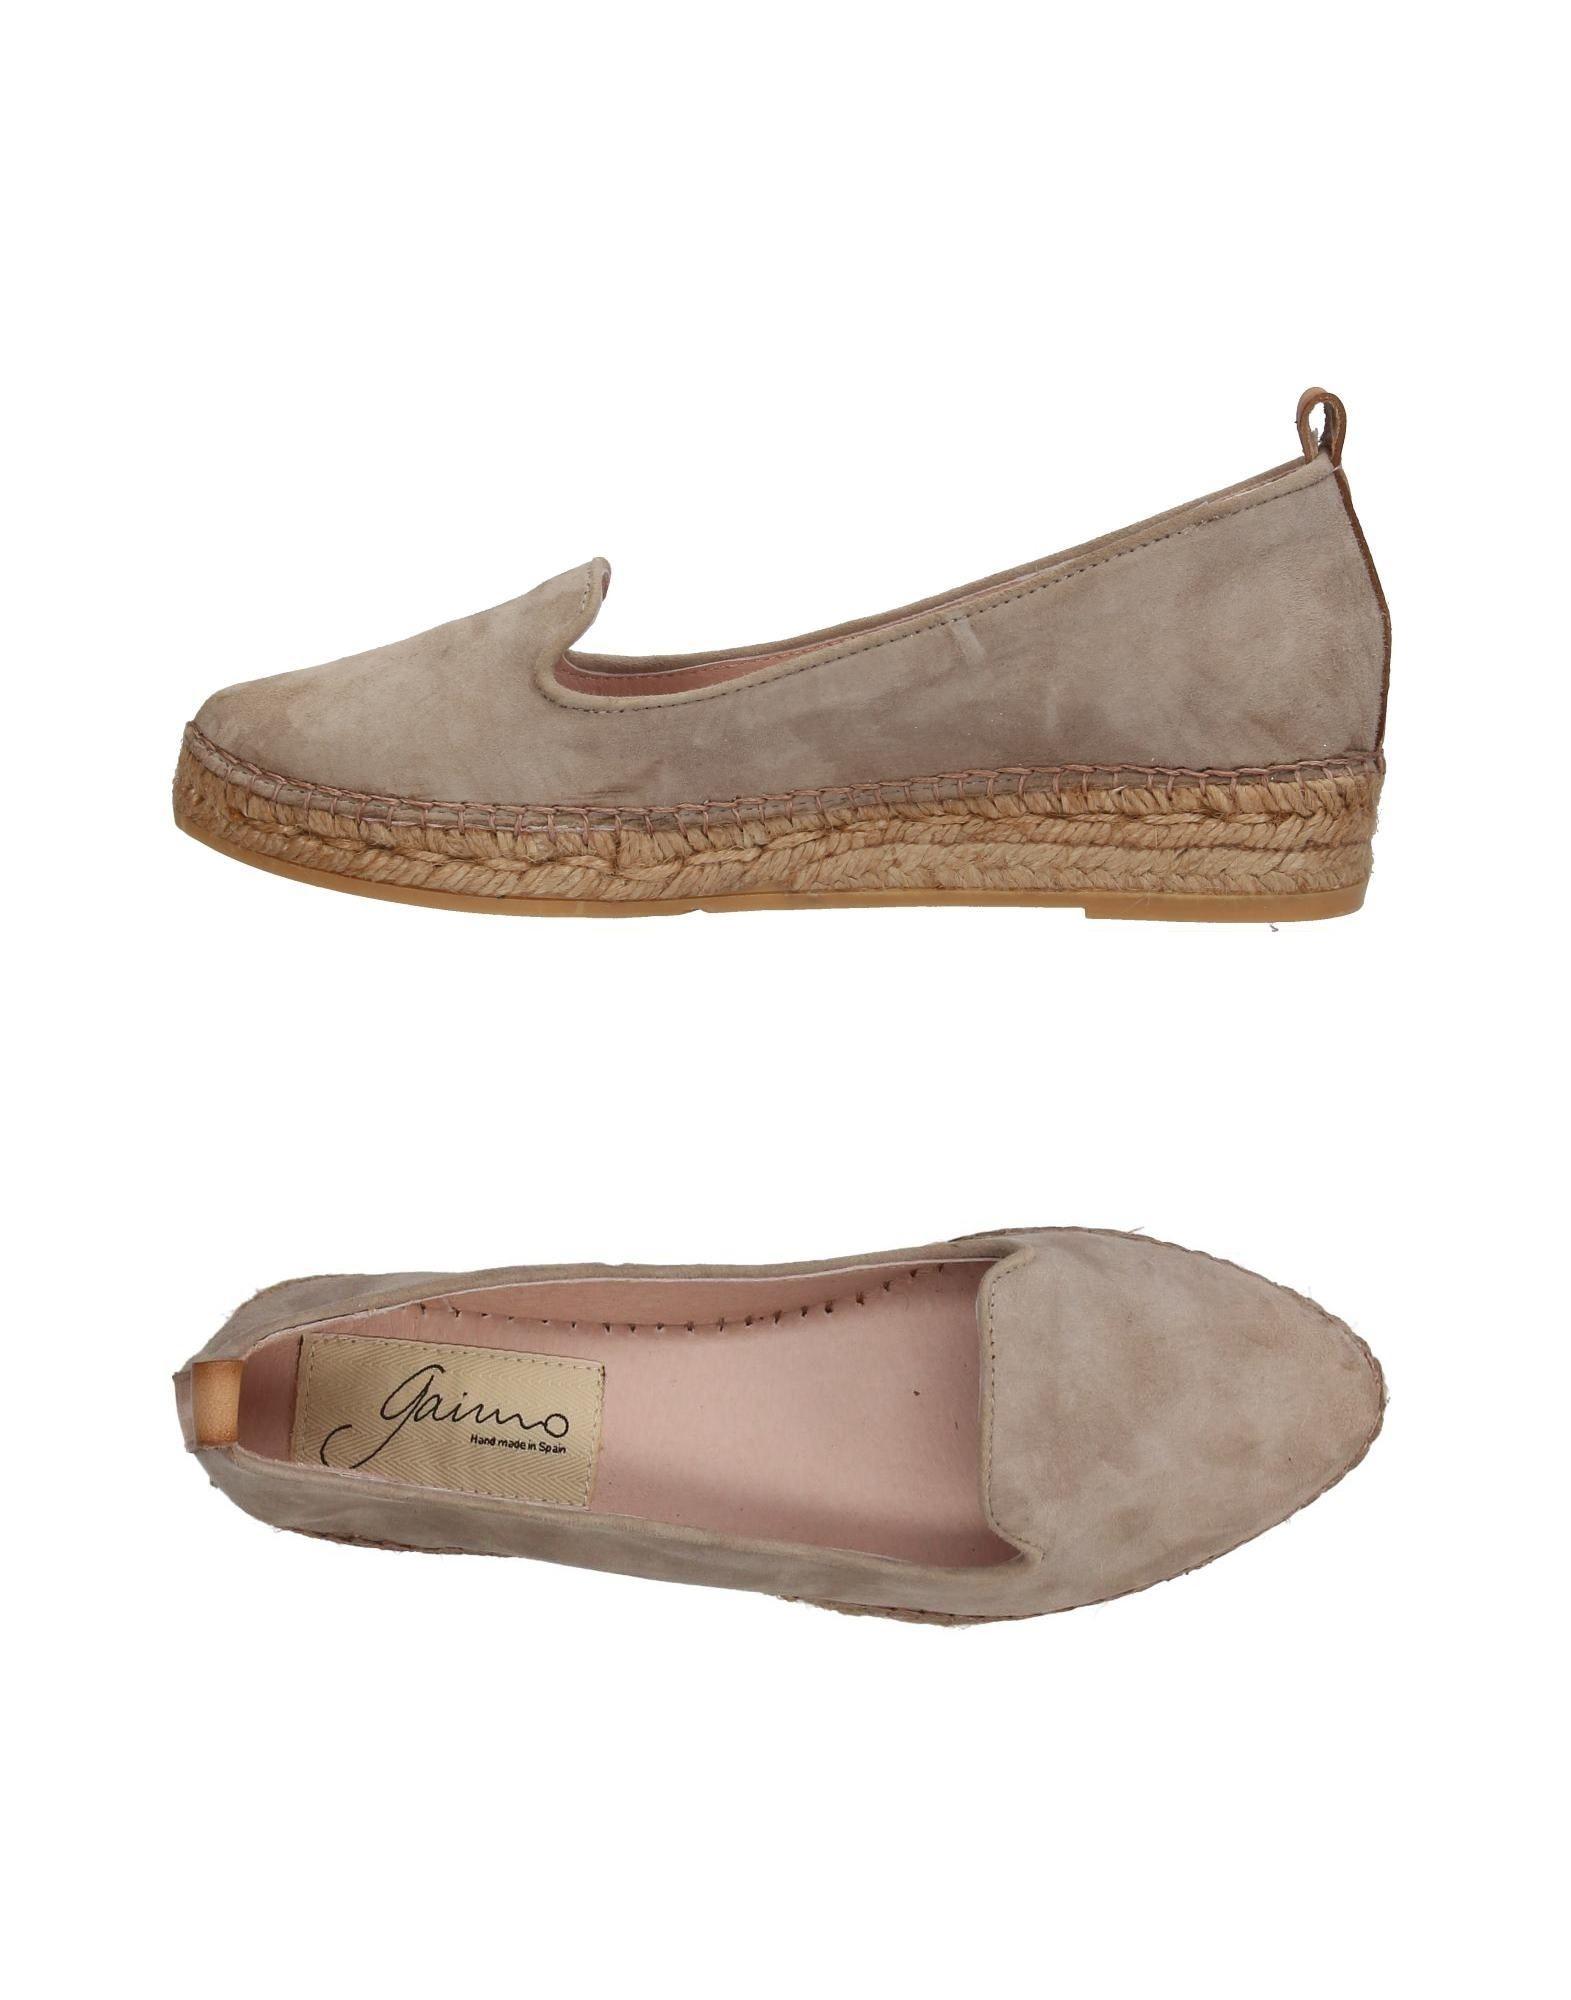 Günstige und modische Schuhe Gaimo Espadrilles Damen  11112856DI